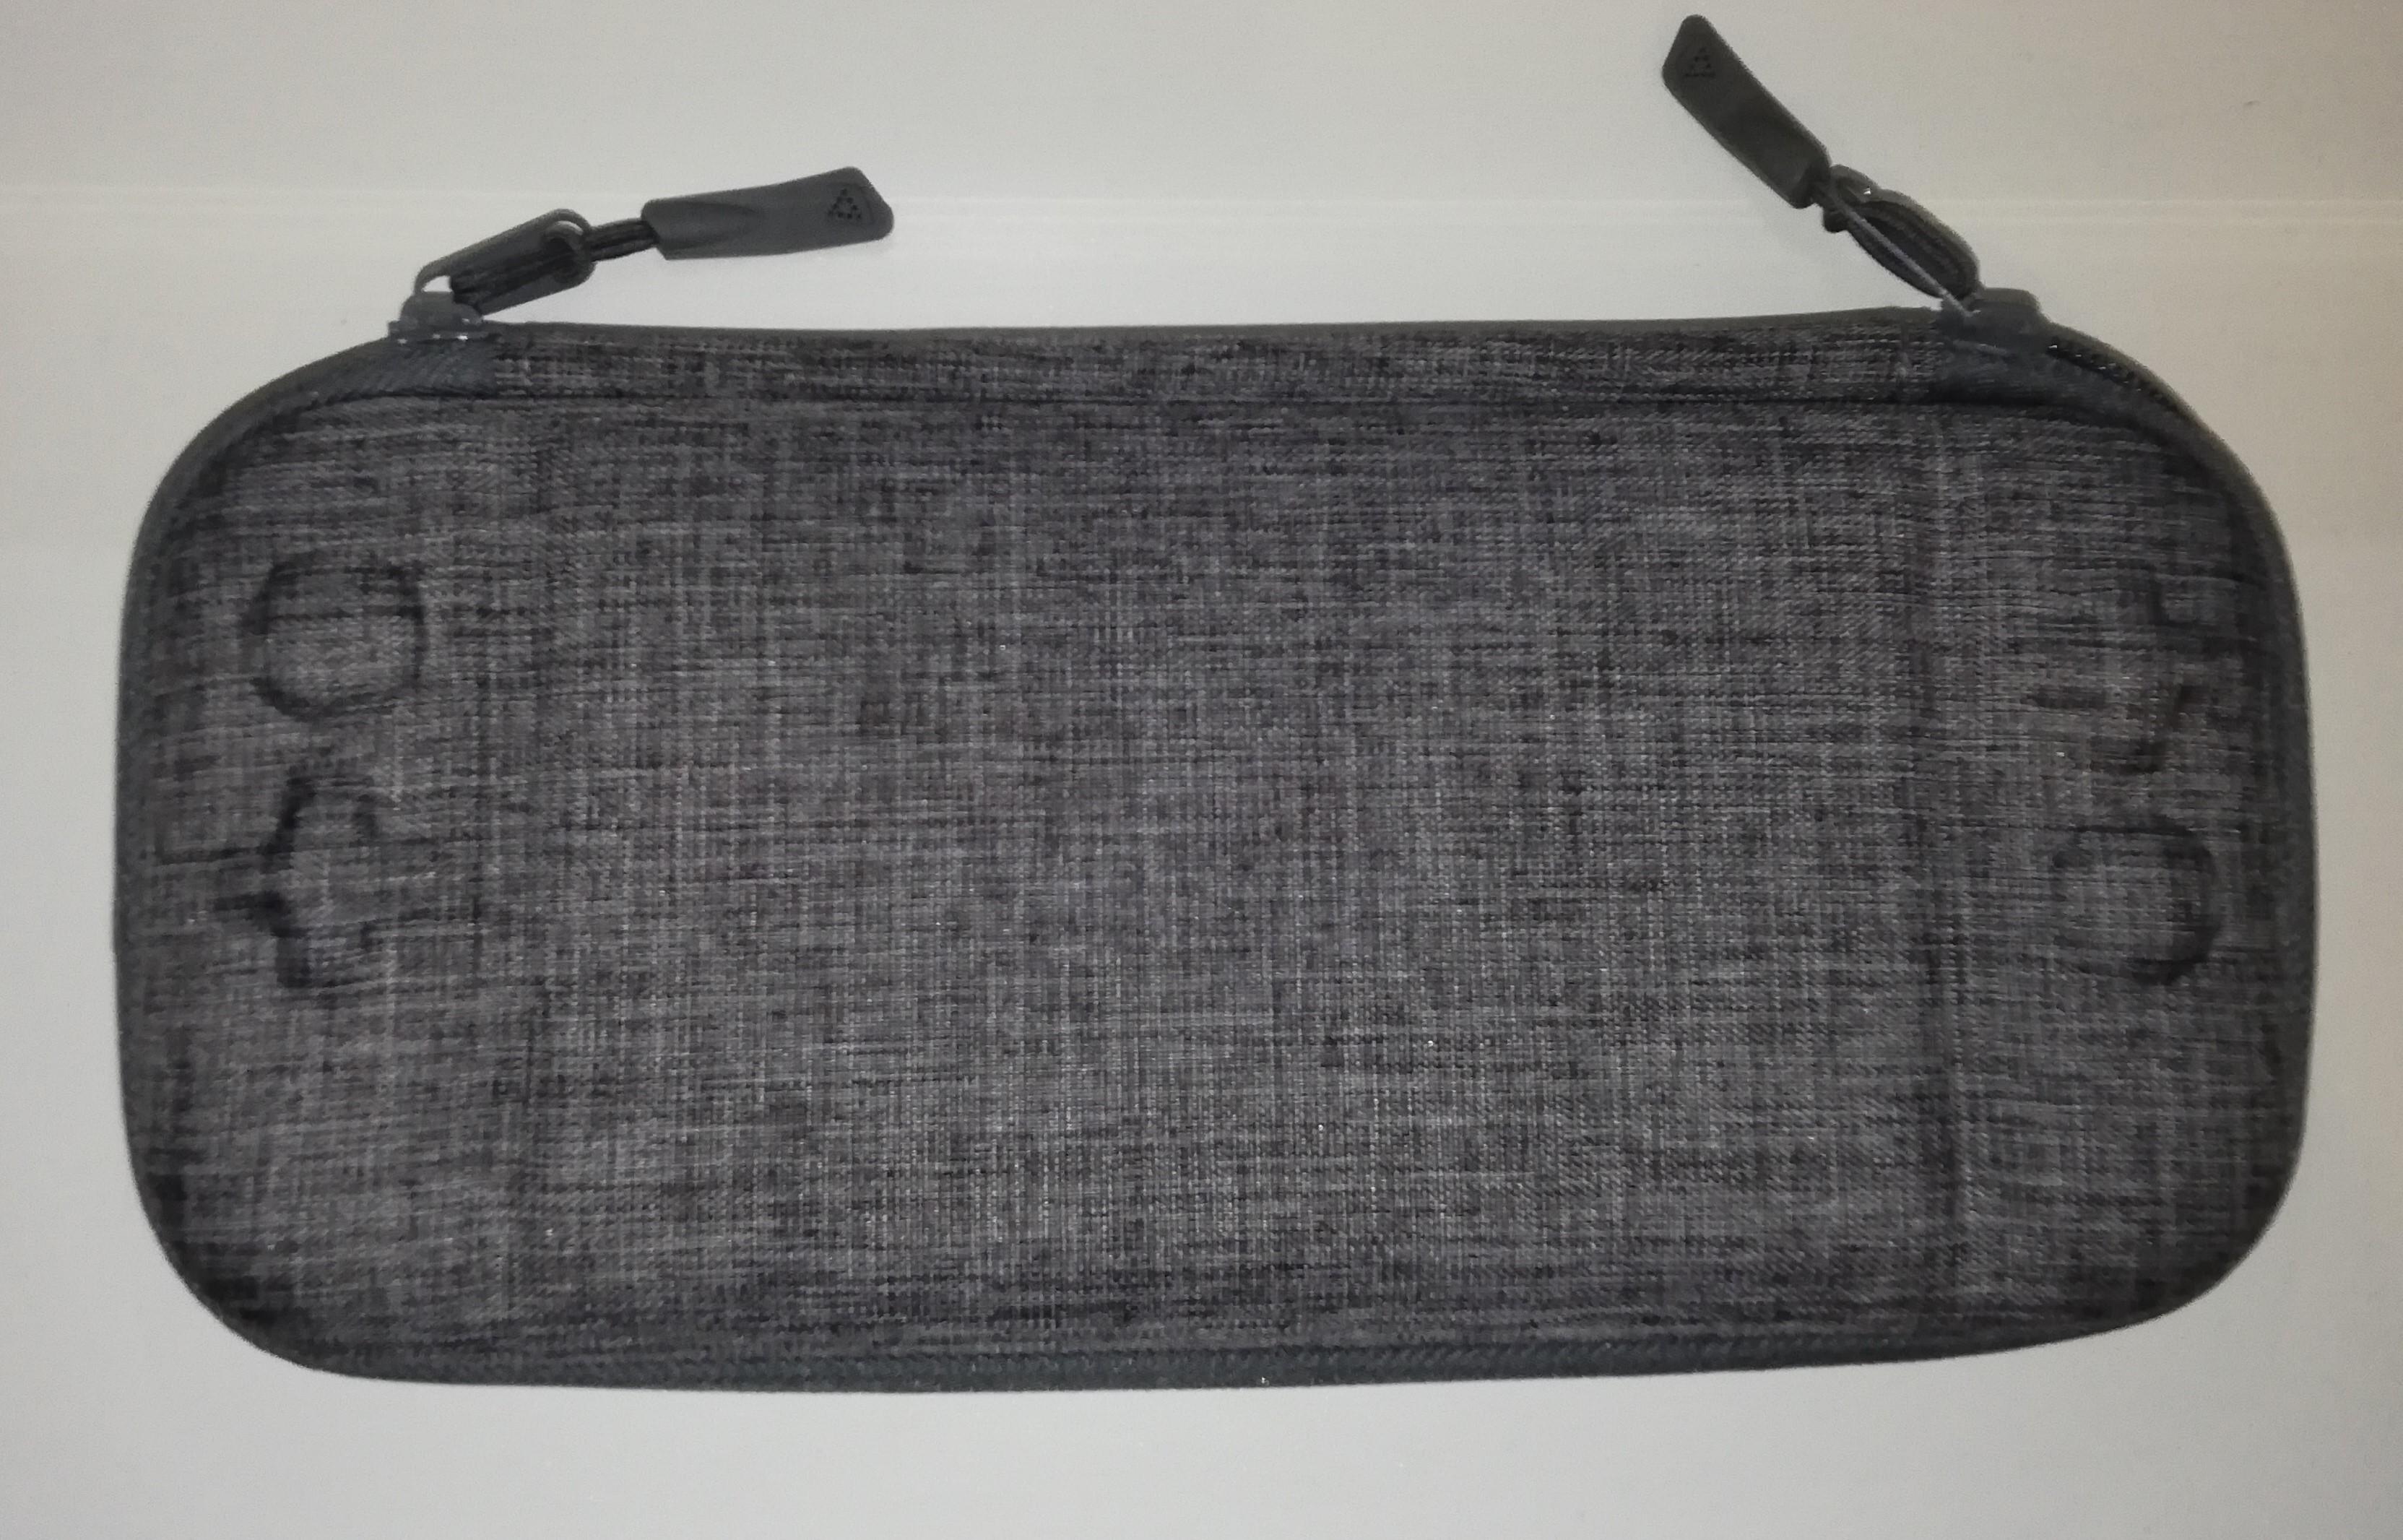 Hochwertige und schicke Tasche für die Switch